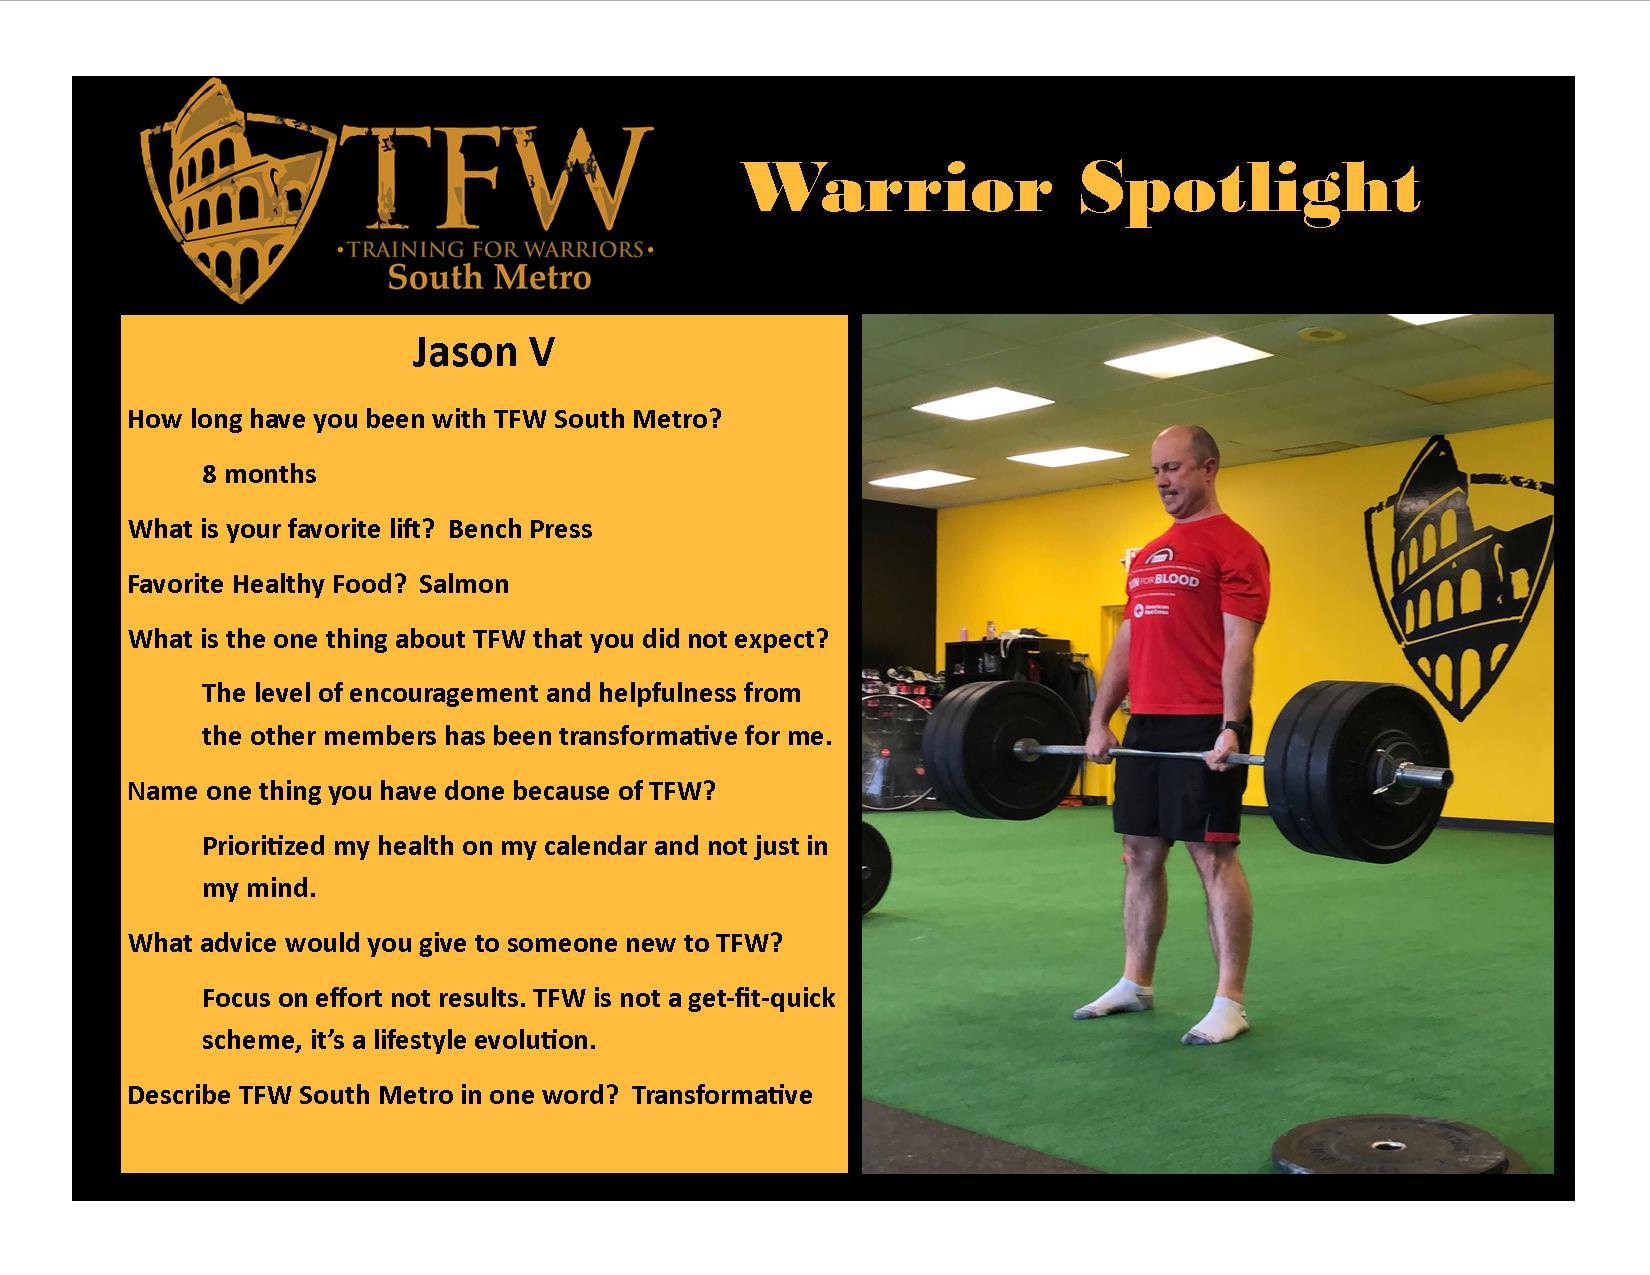 TFW South Metro Warrior, Jason